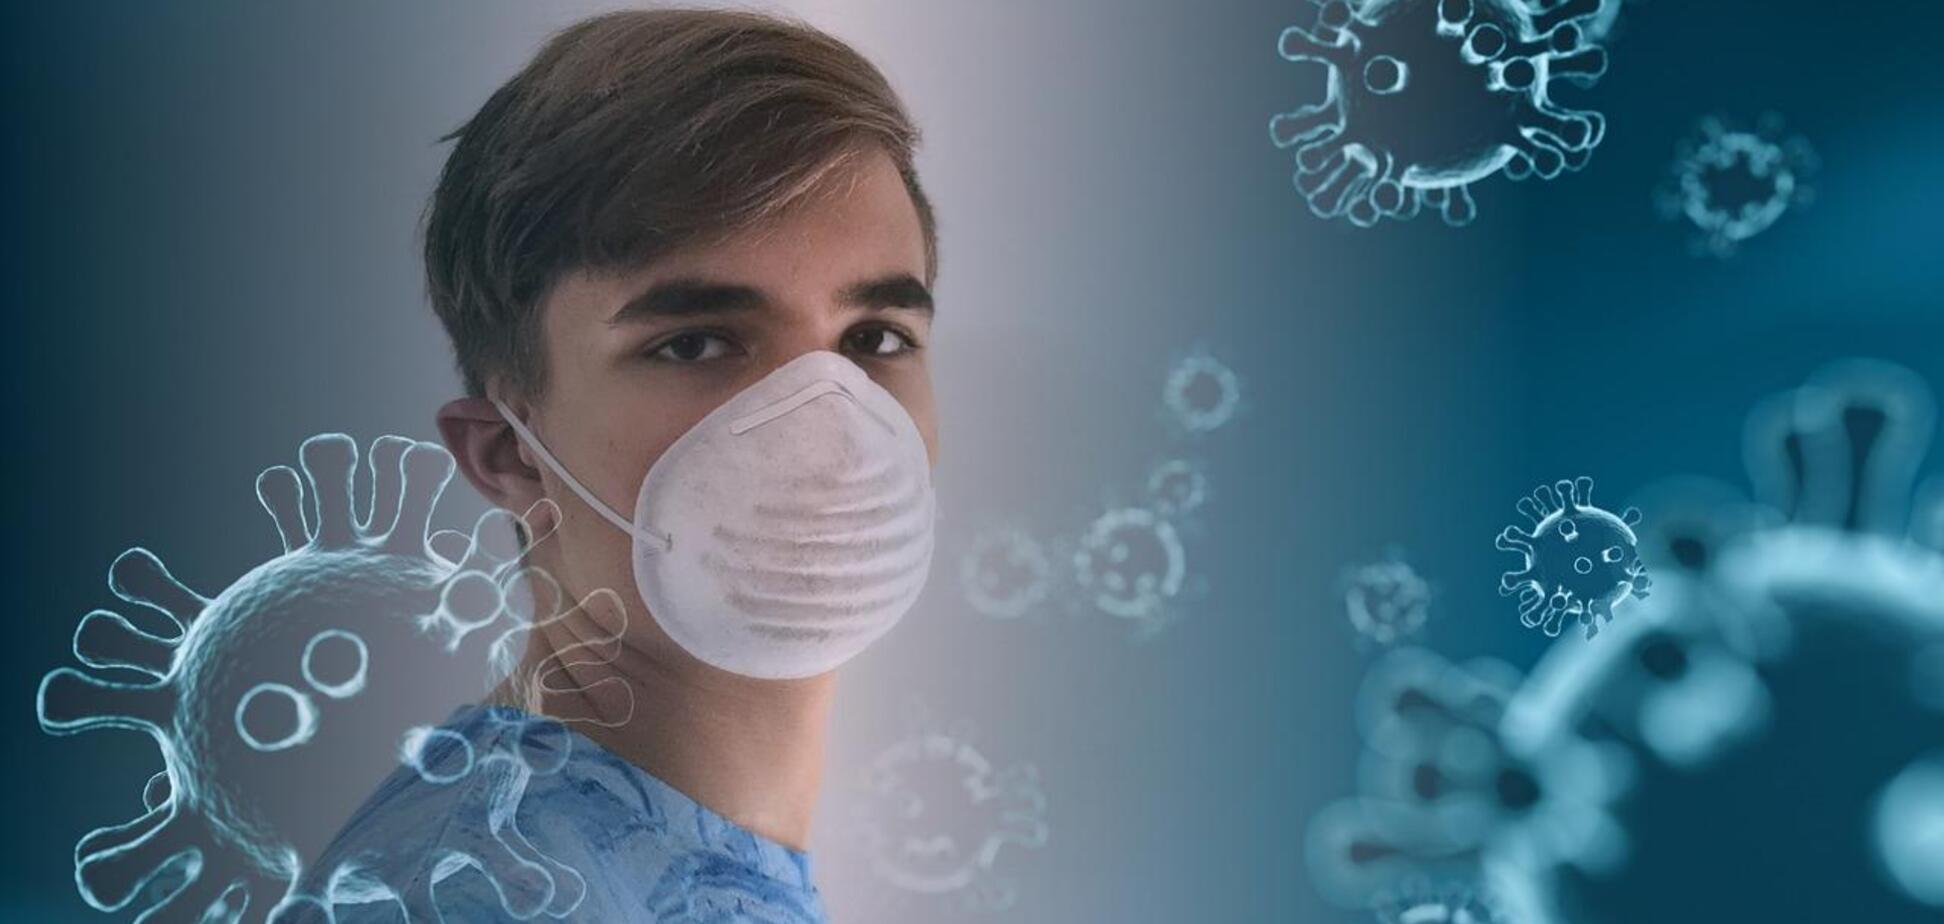 Імунітет від коронавірусу у людей сформується за 3-5 років, – імунолог